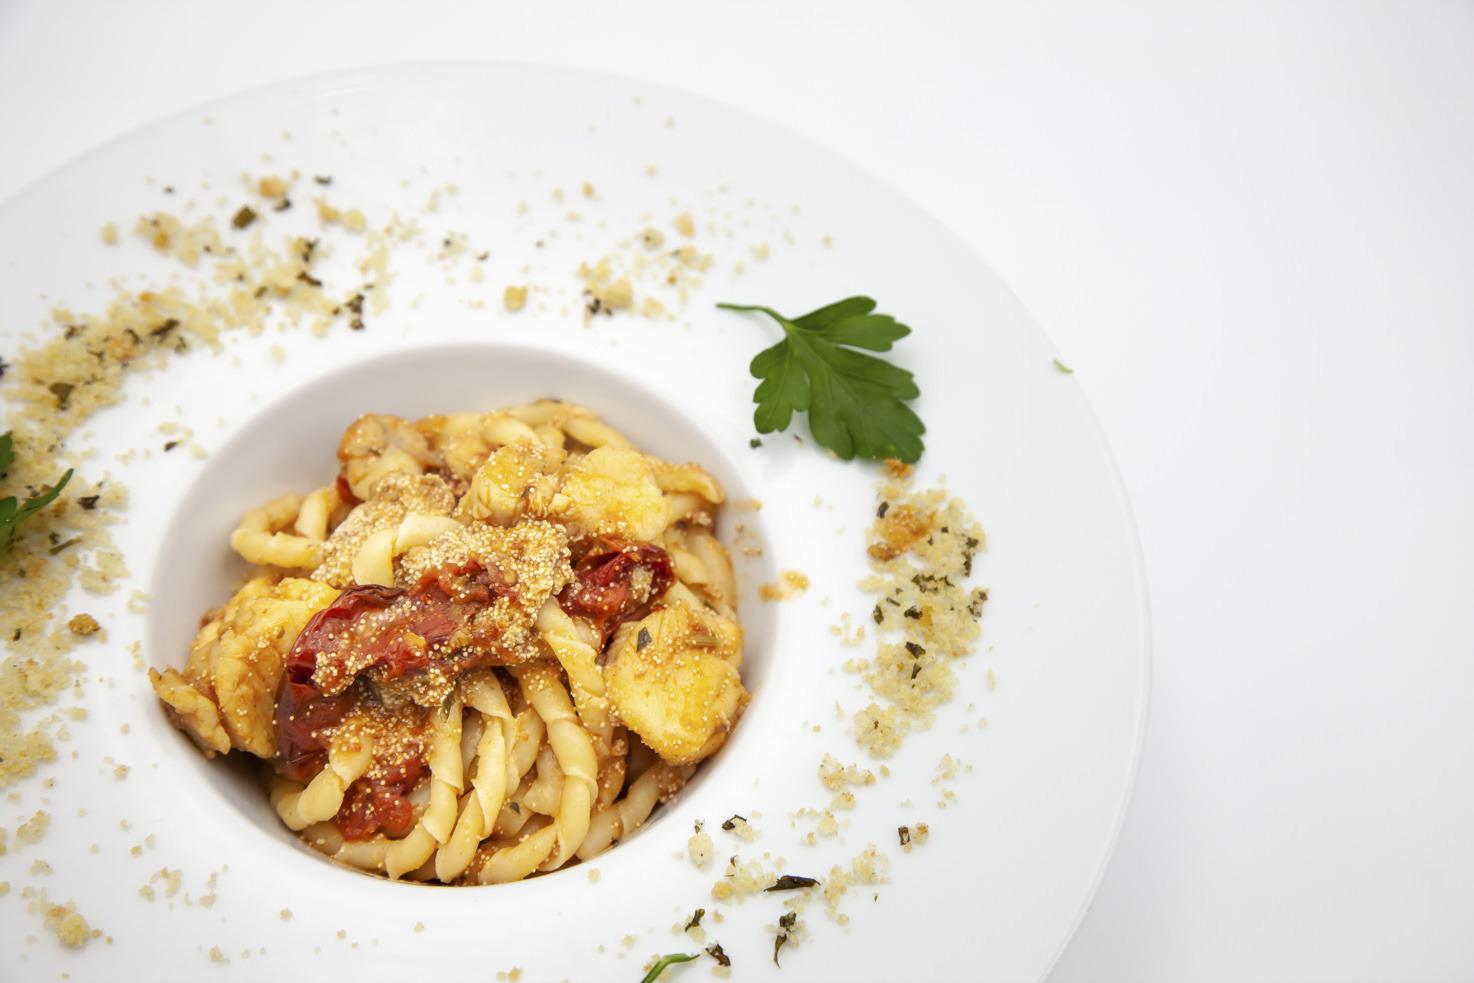 Cuisine of Baglio Oneto restaurant